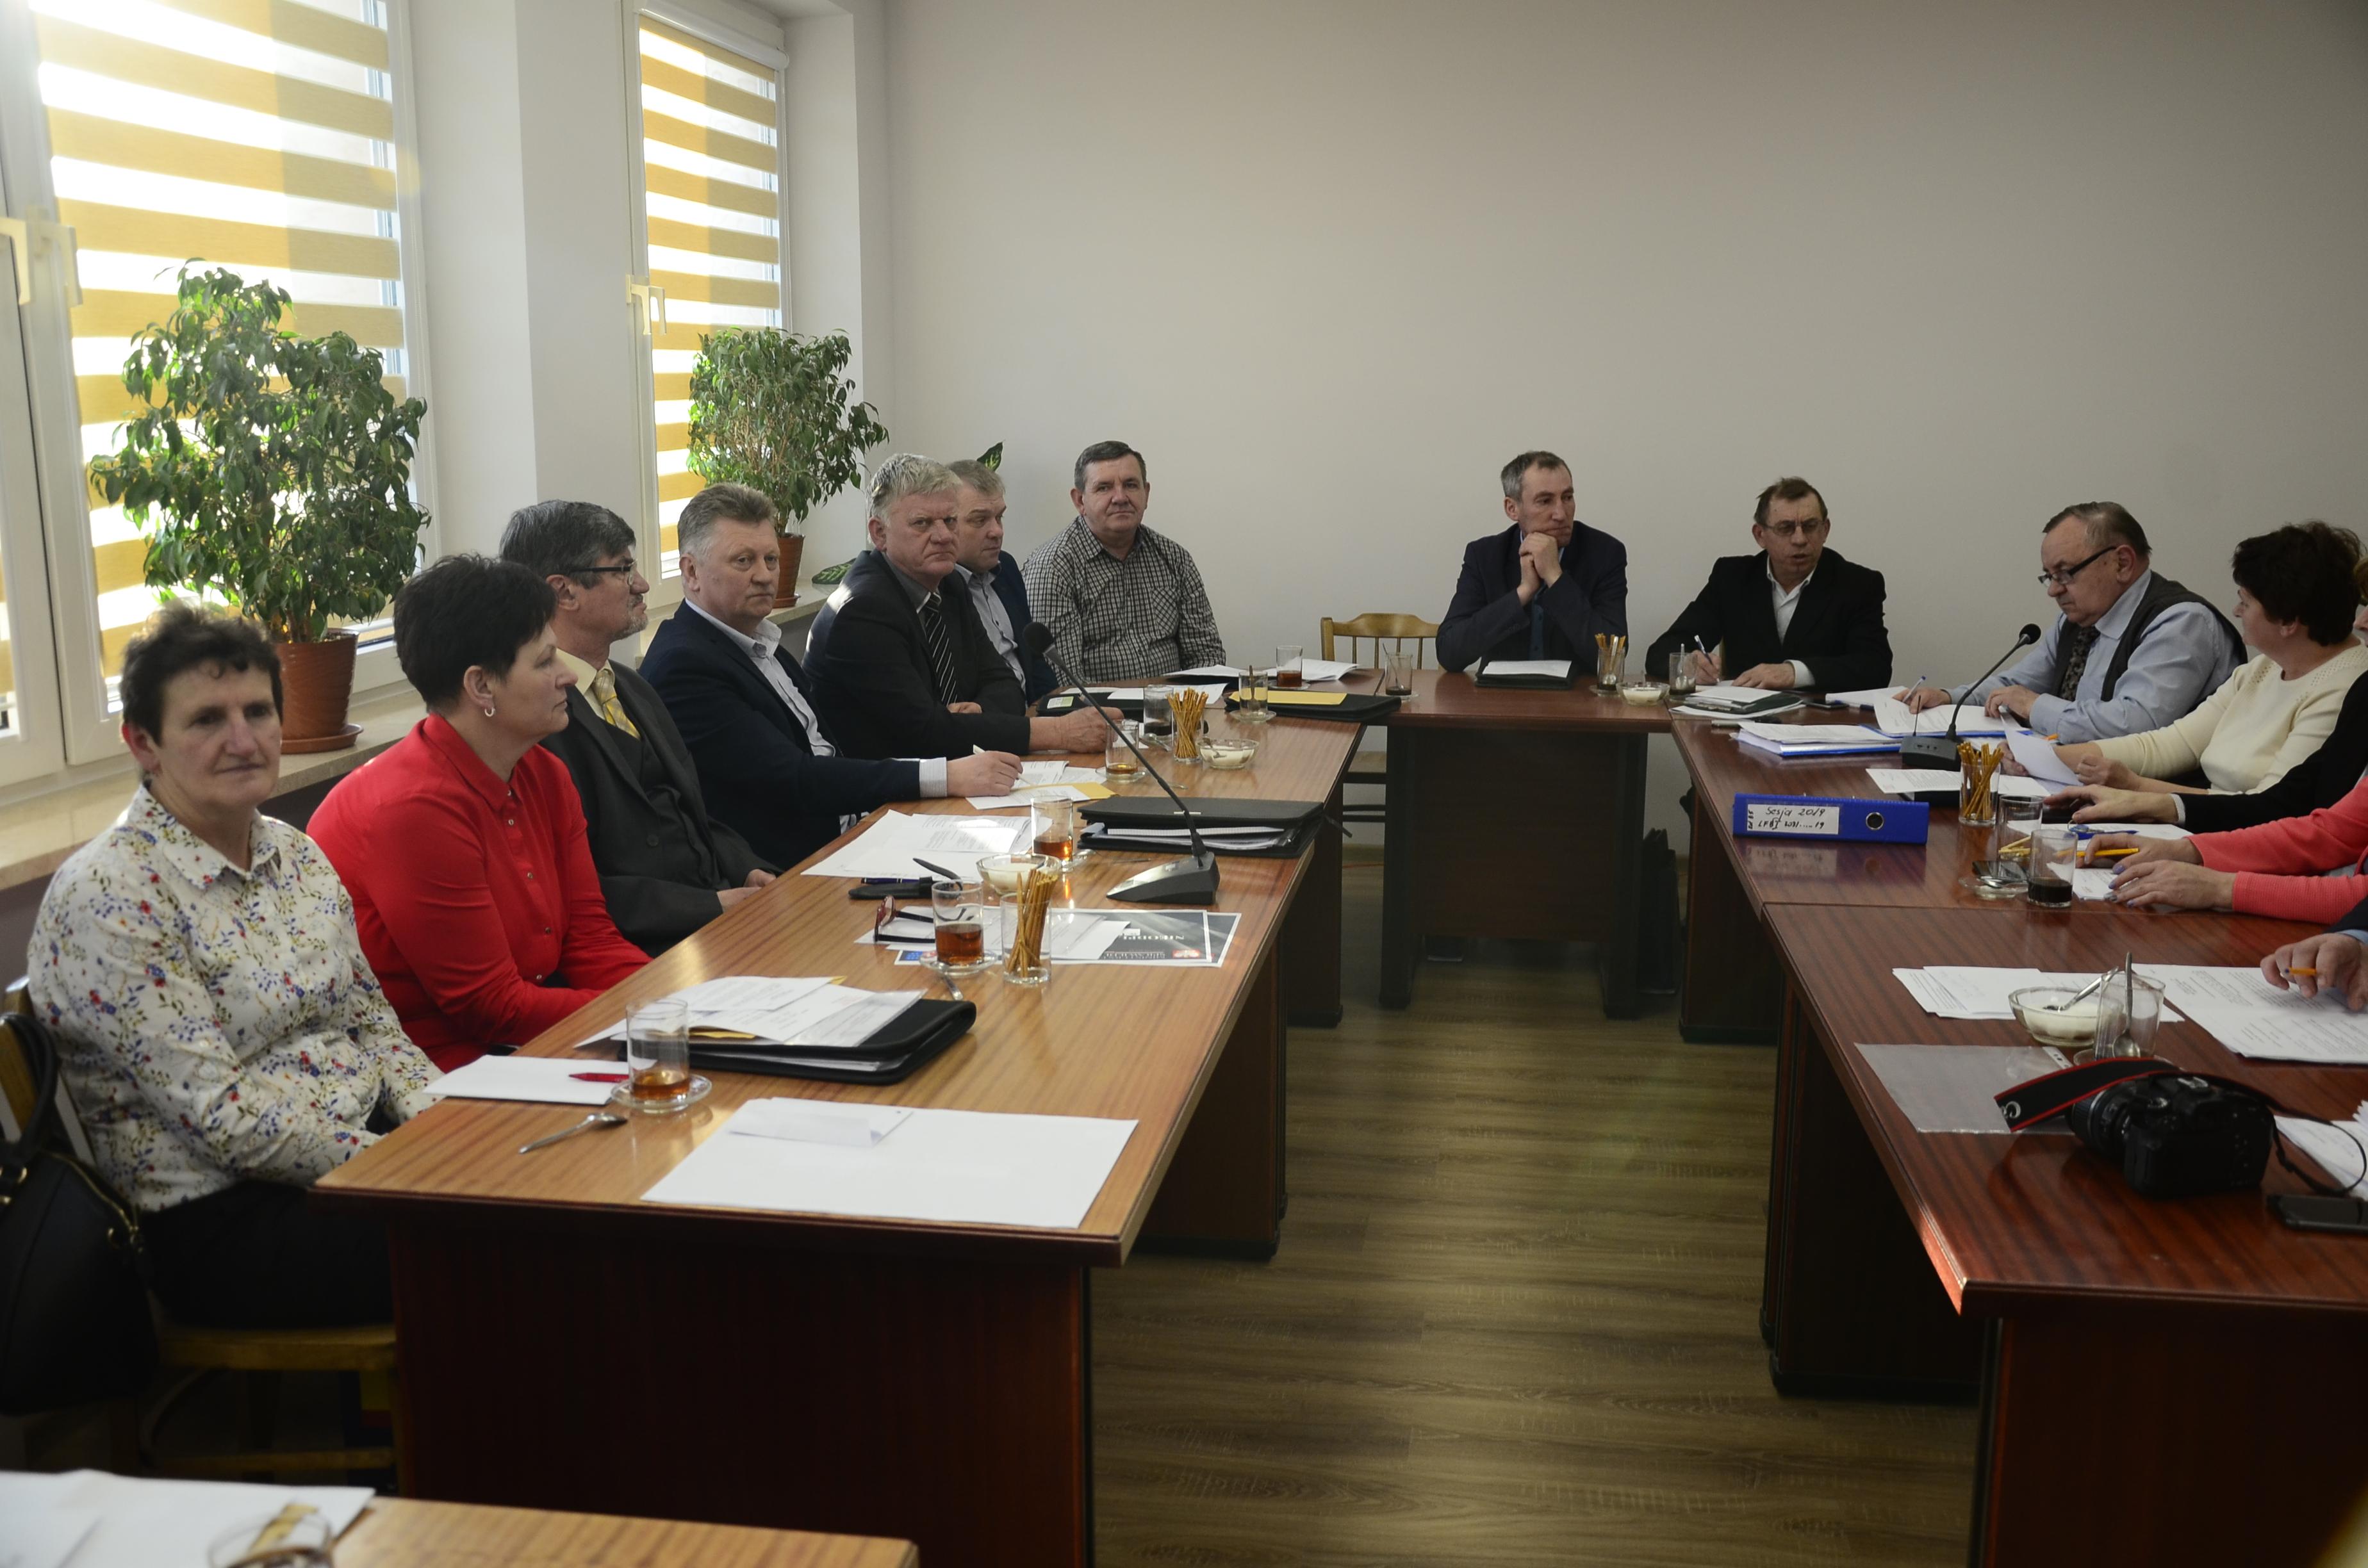 Mieszkańcy gminy Cmolas wybrali członków Rad Sołeckich [LISTA] - Zdjęcie główne